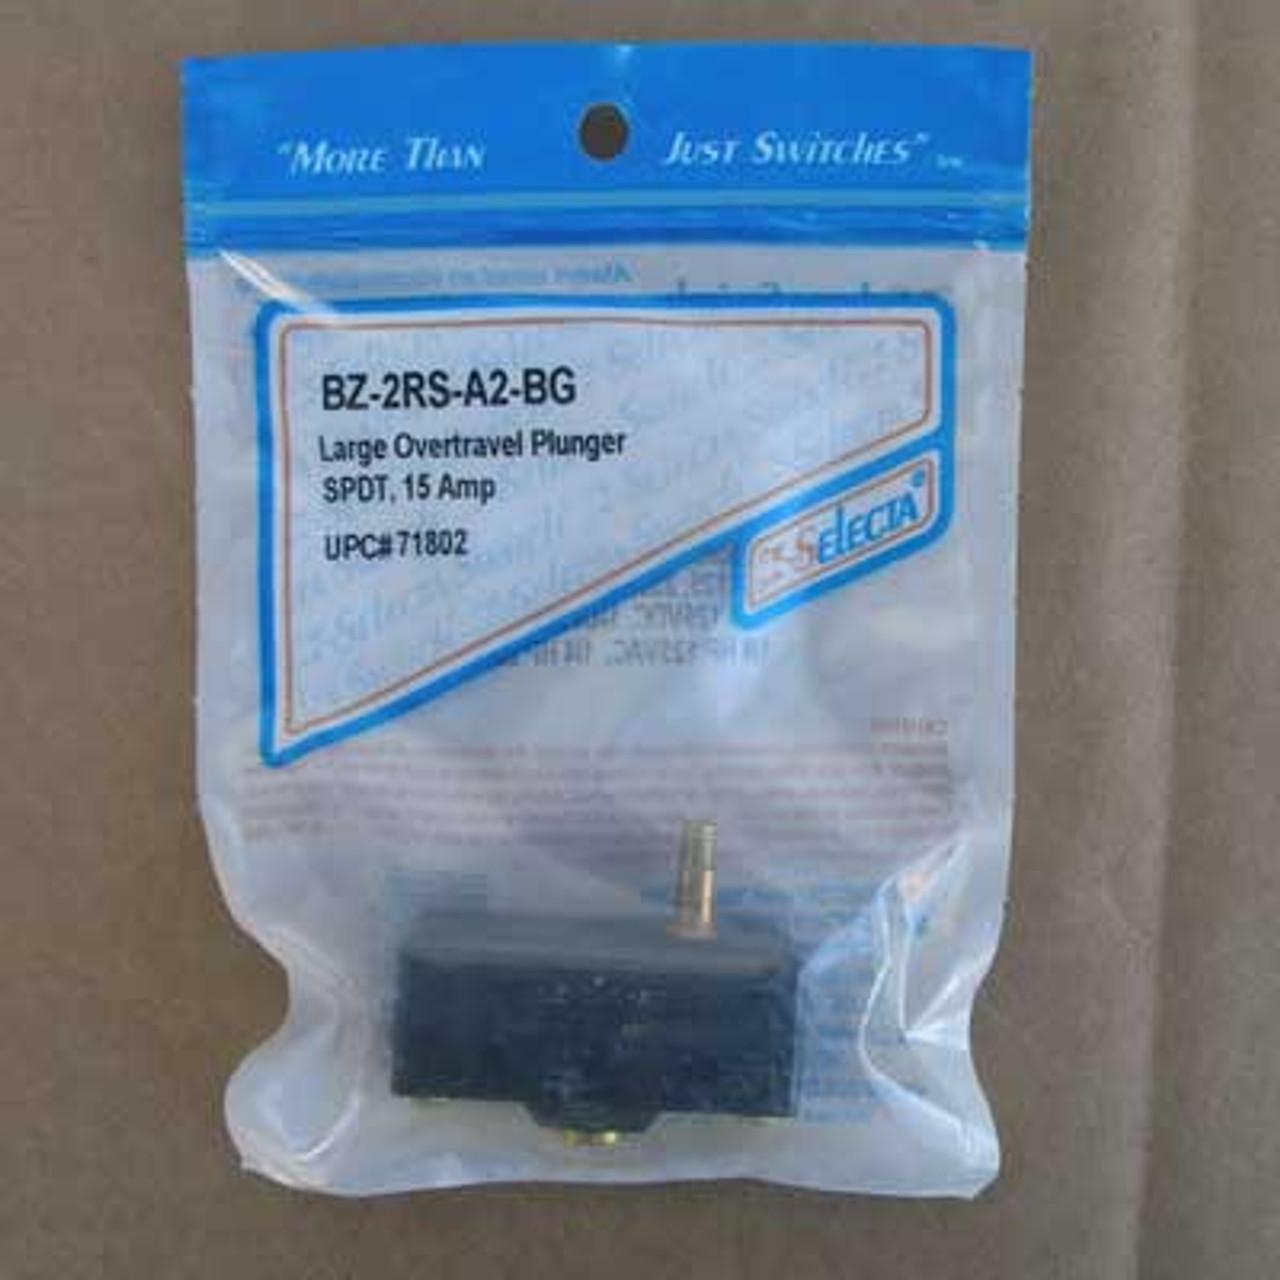 Selecta BZ-2RS-A2-BG SPDT 15 Amp Large Overtravel Plunger